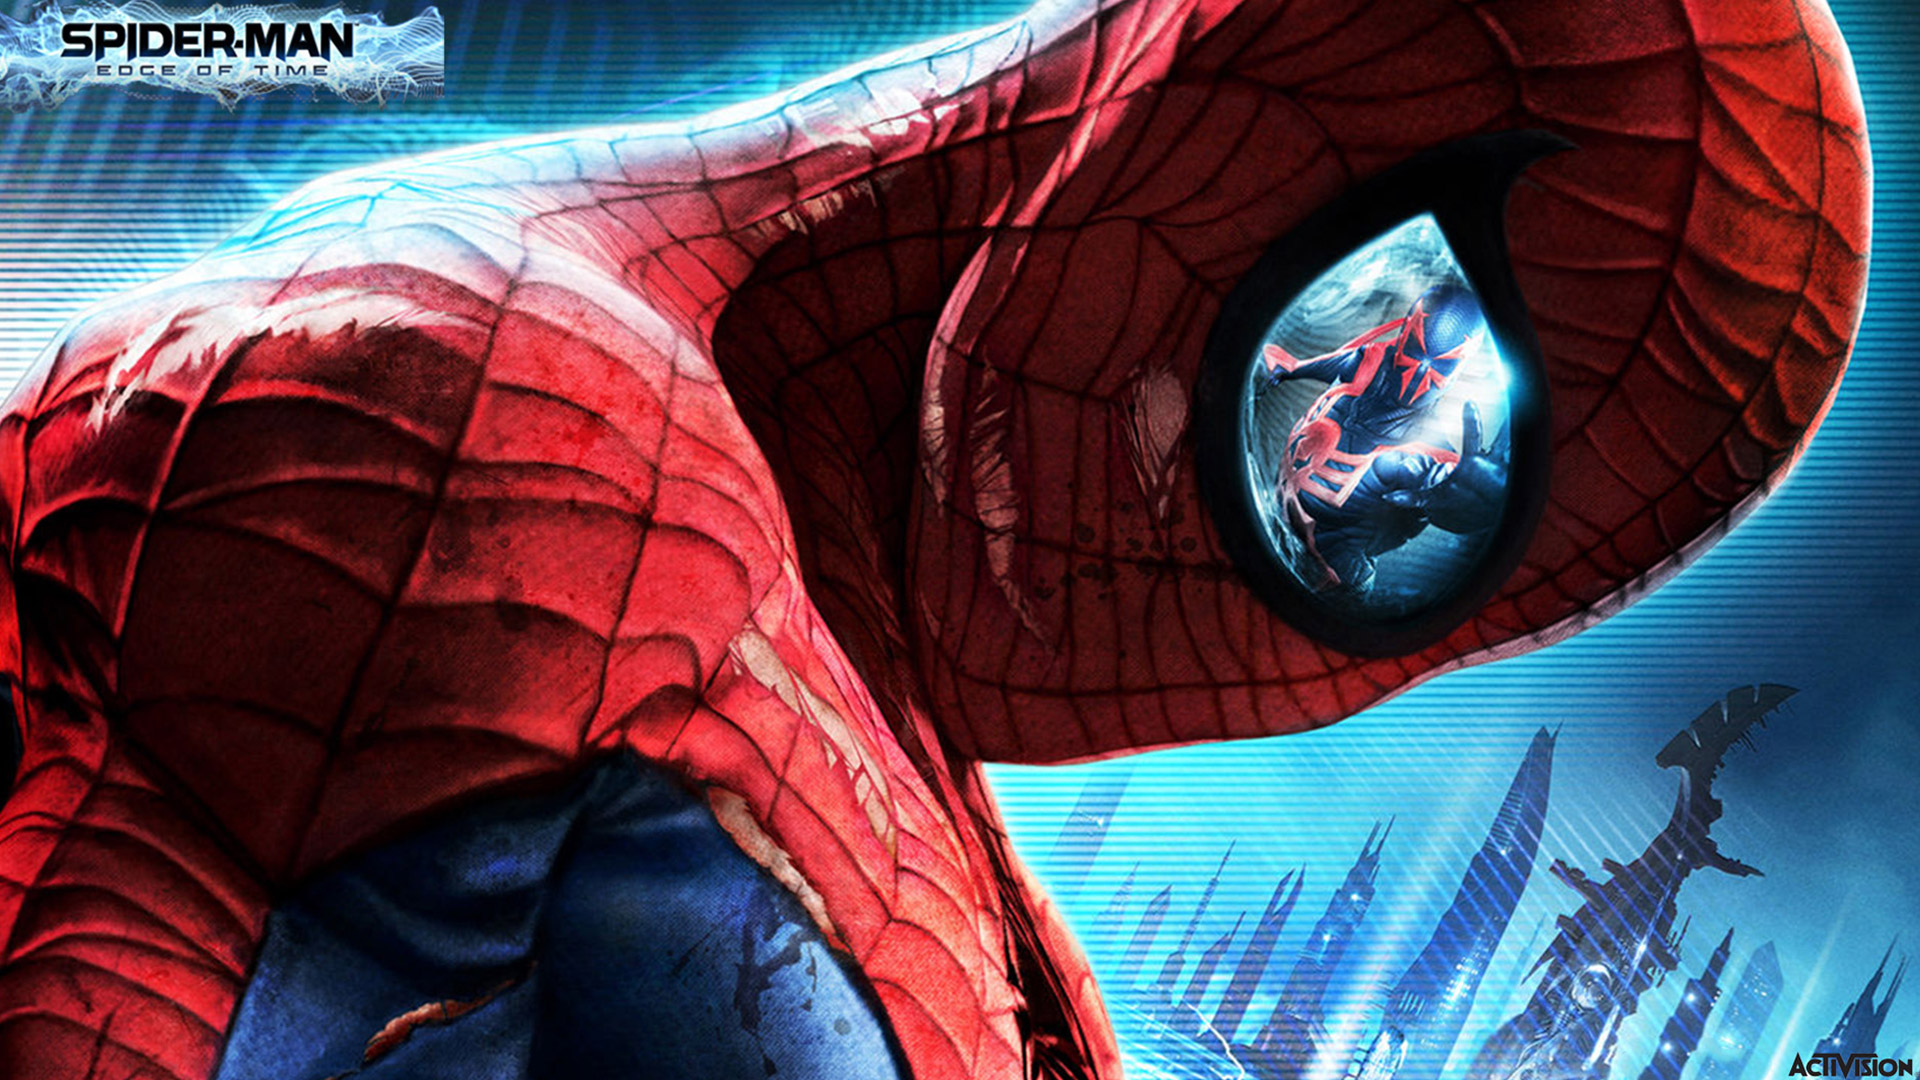 Spiderman Wallpaper 1920x1080 - WallpaperSafari